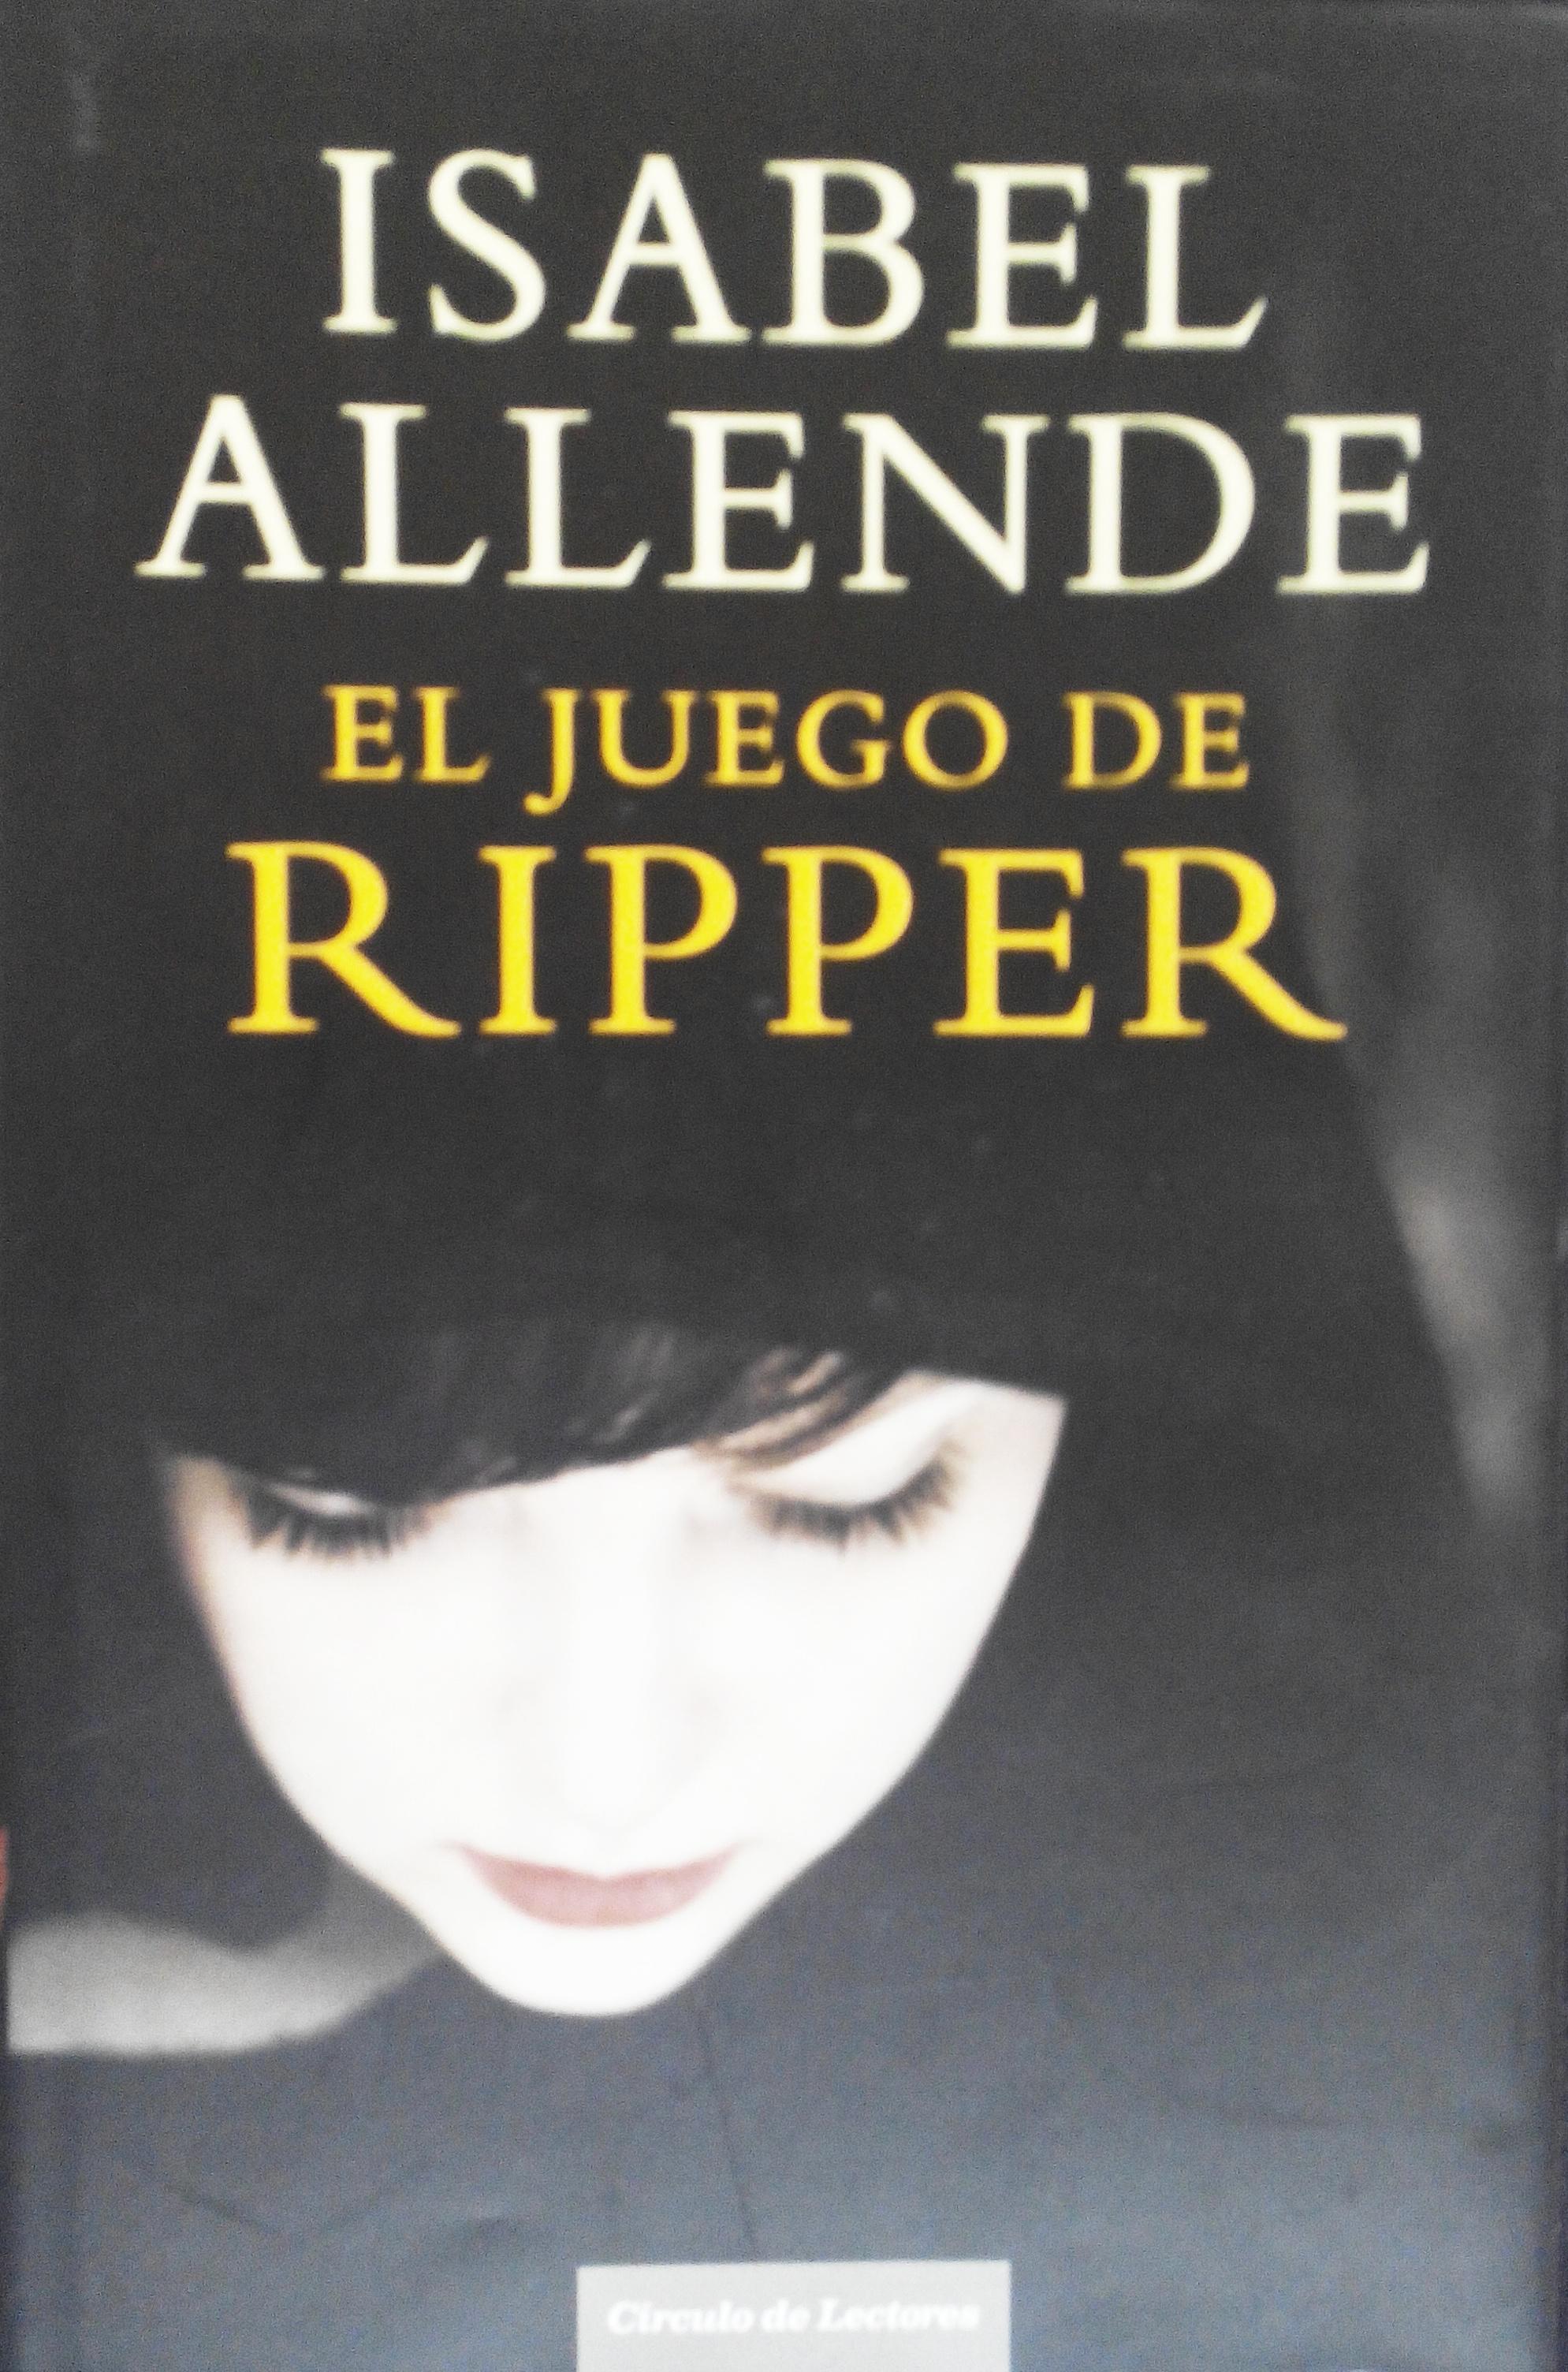 El juego de Ripper